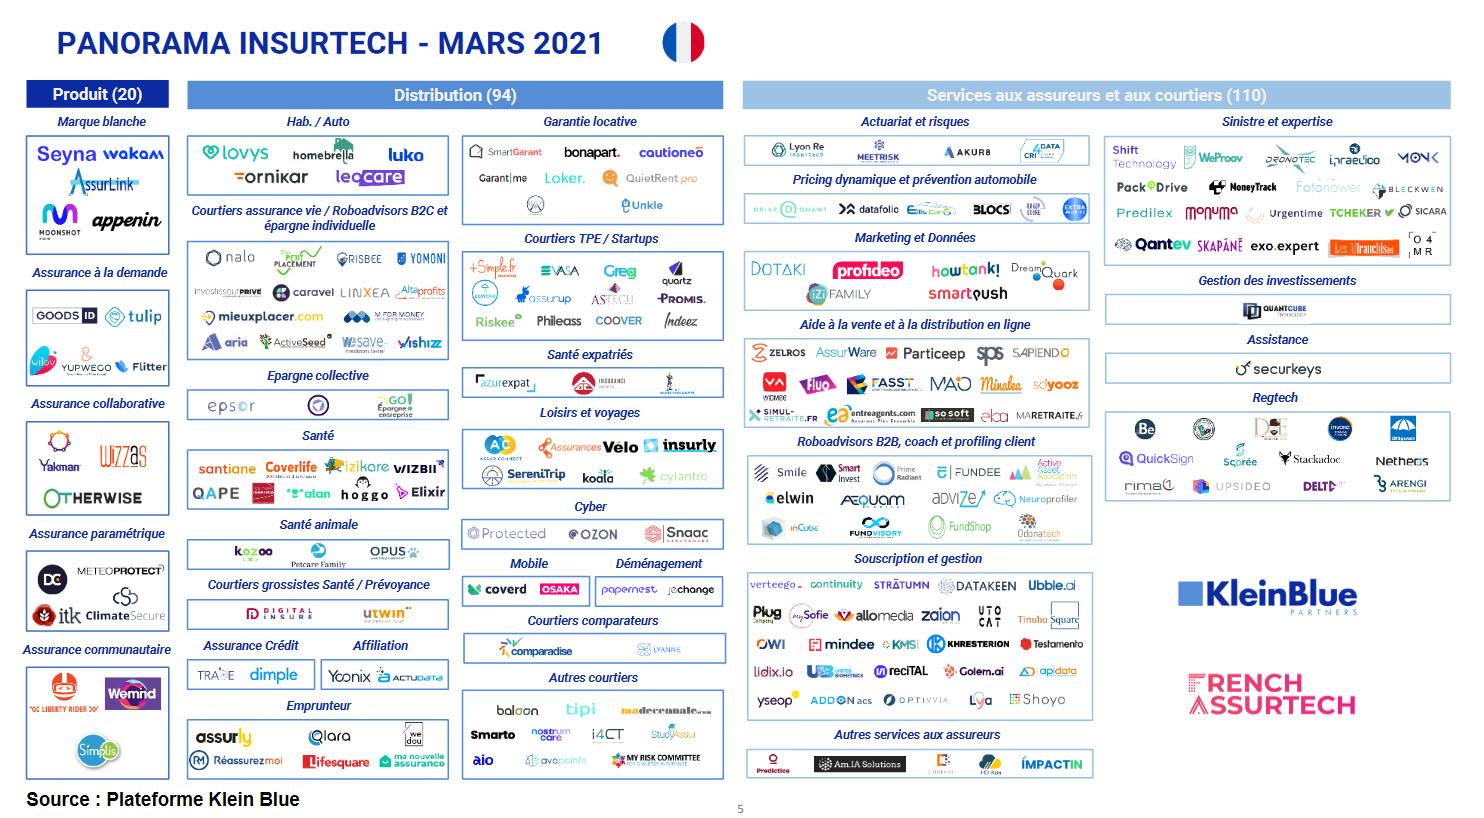 Assurtech France 2021